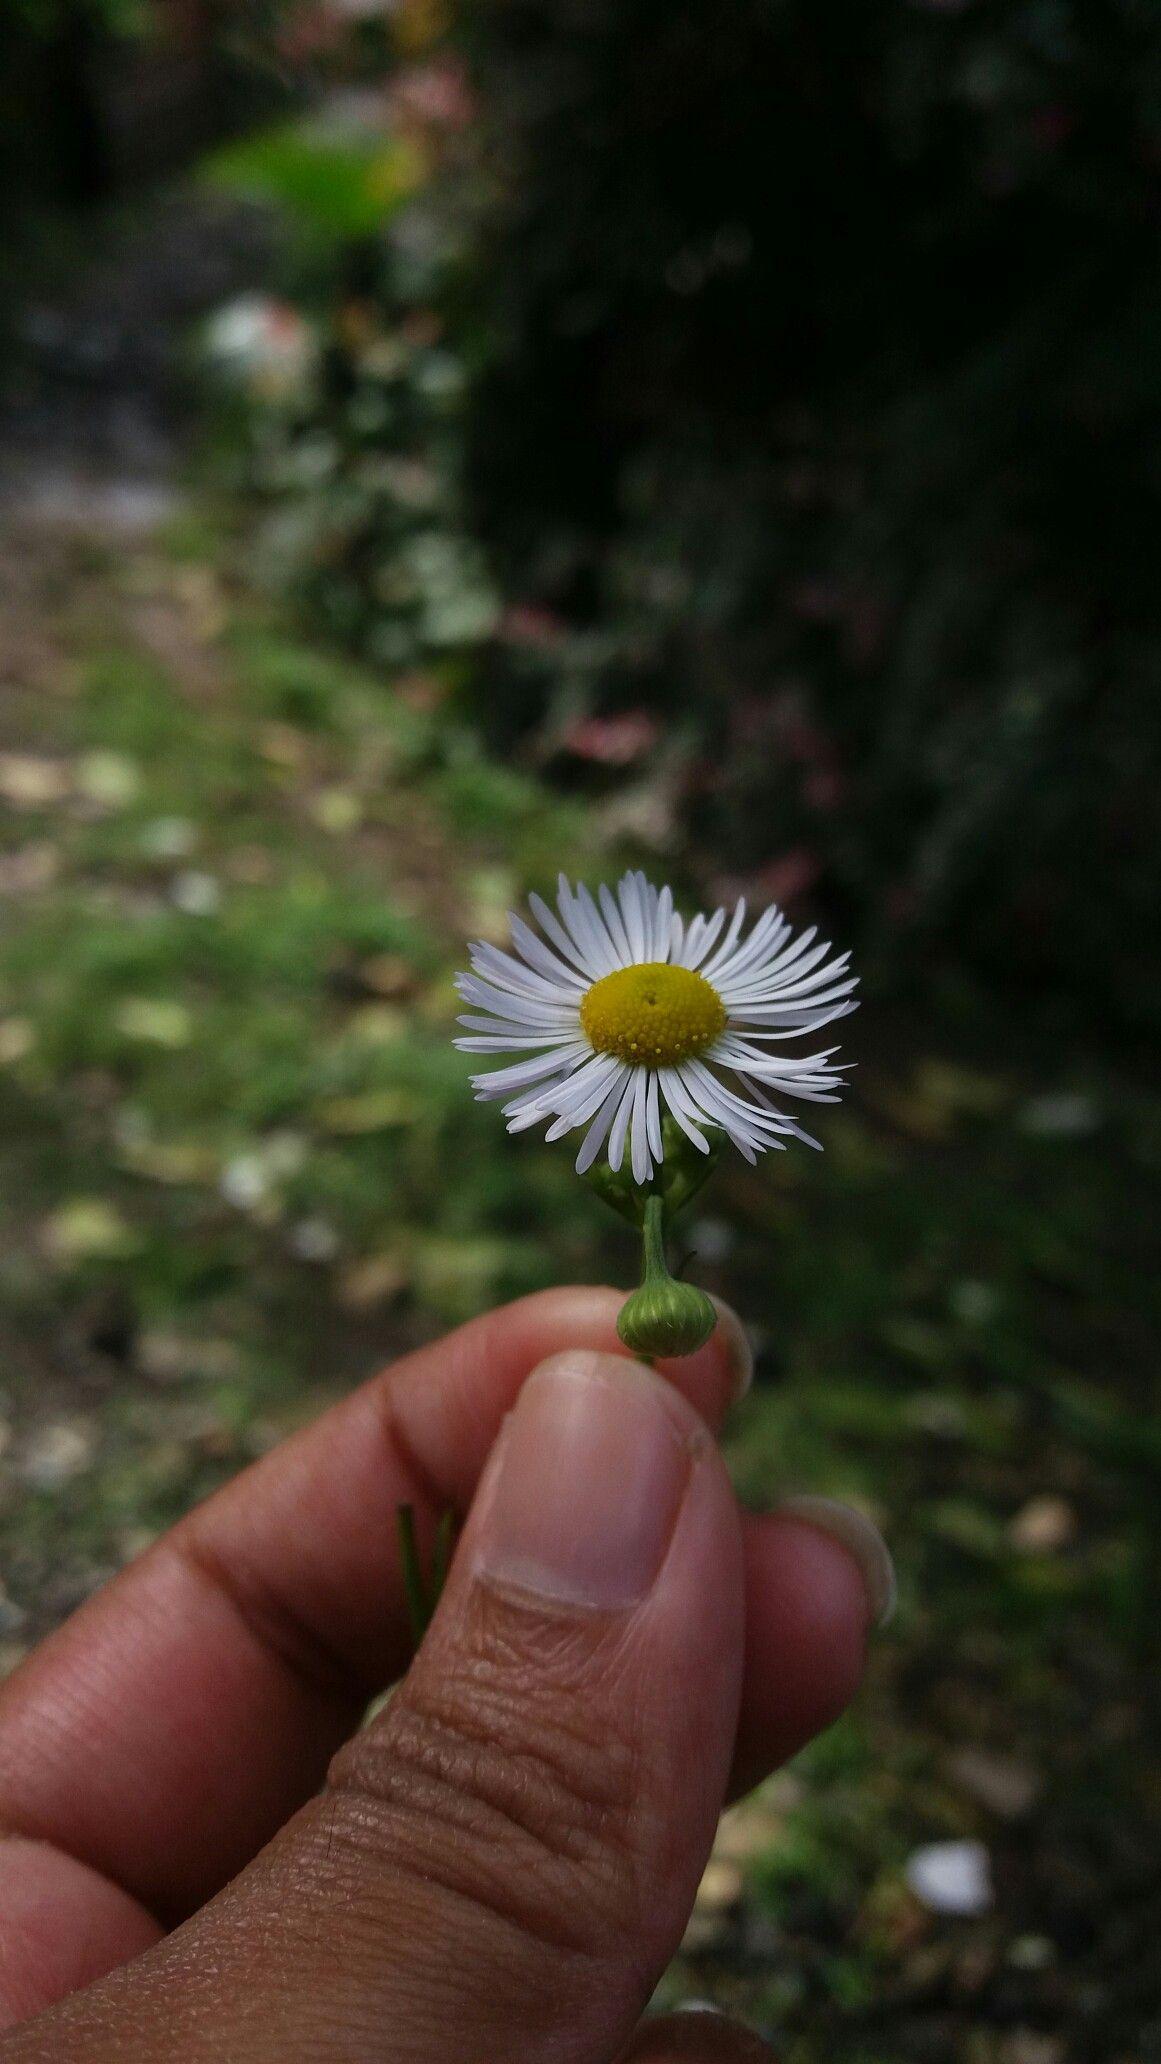 Daisy like nature pinterest flowers daisy like izmirmasajfo